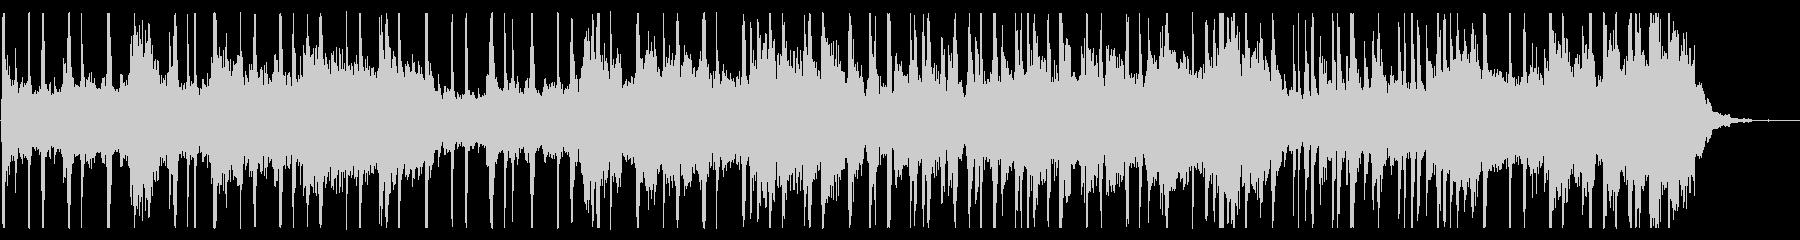 大人なR&B_No638_2の未再生の波形